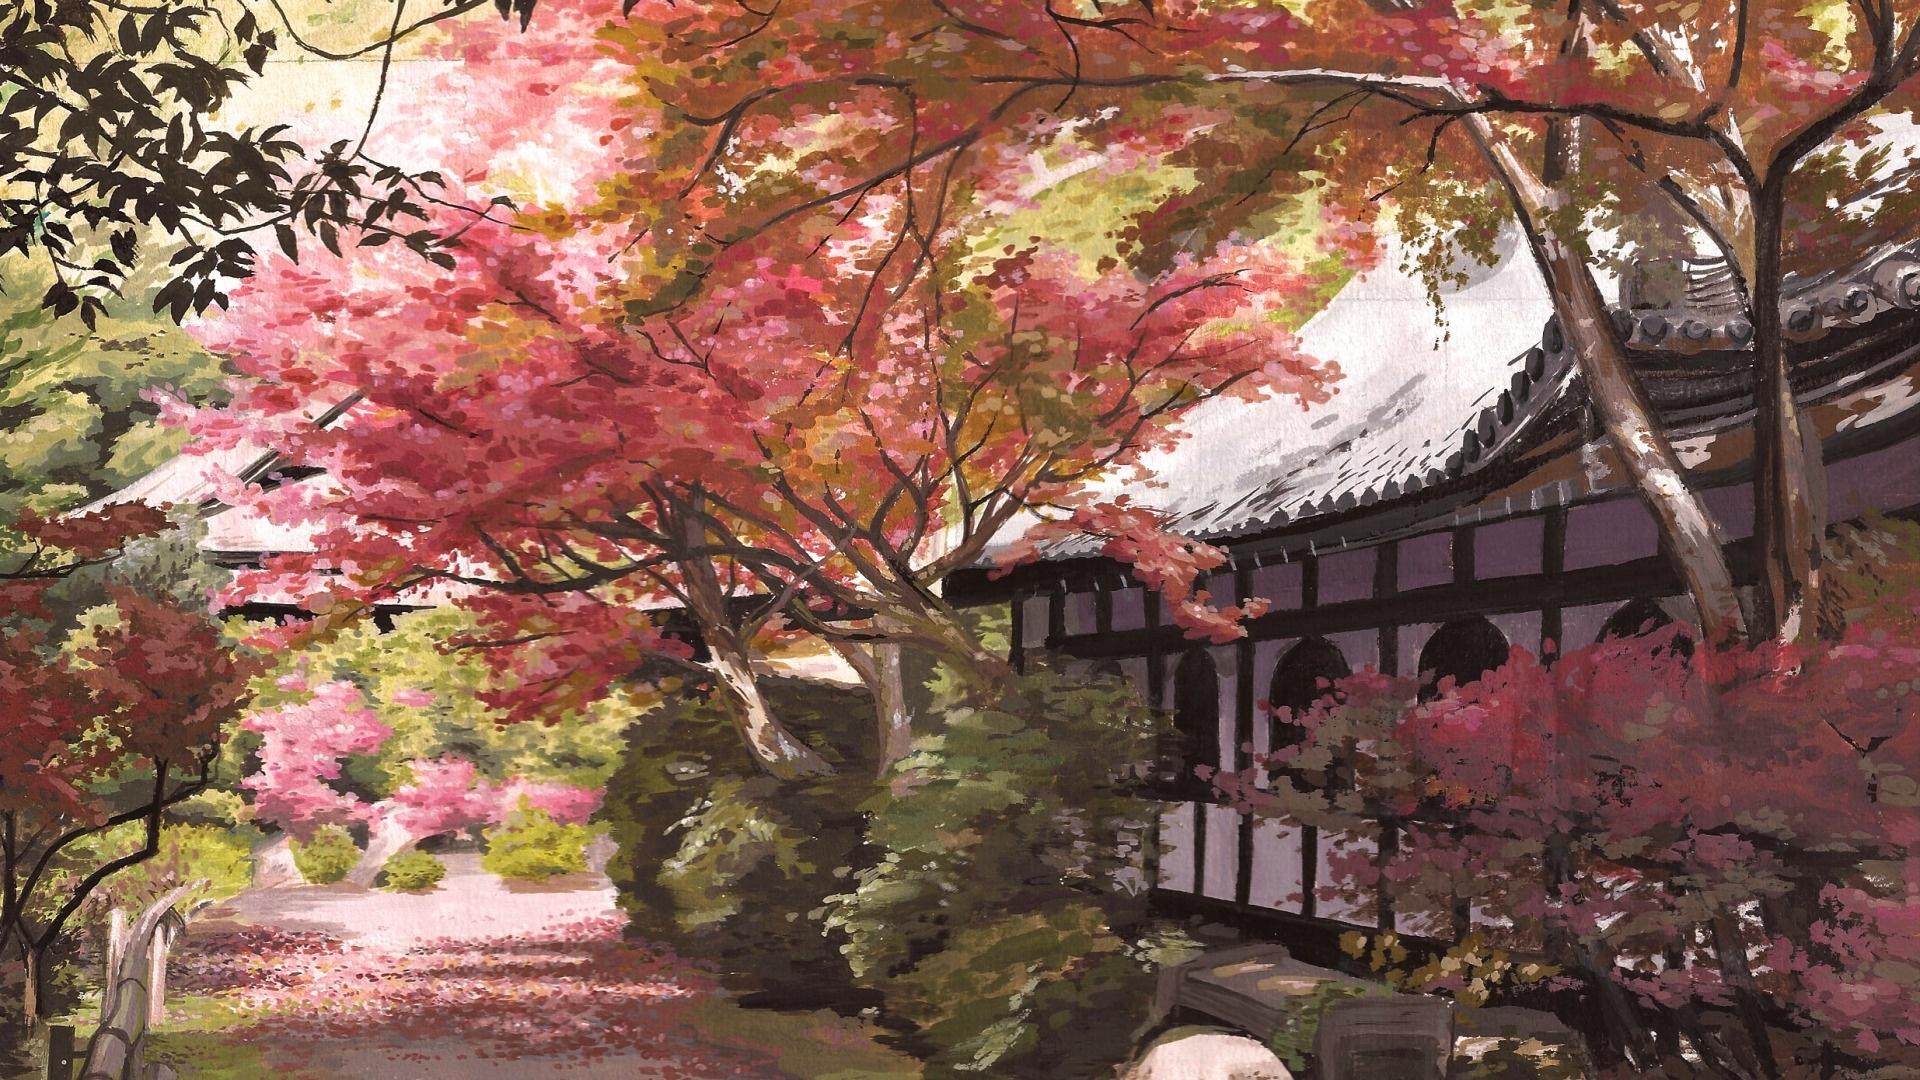 Garden Art Background